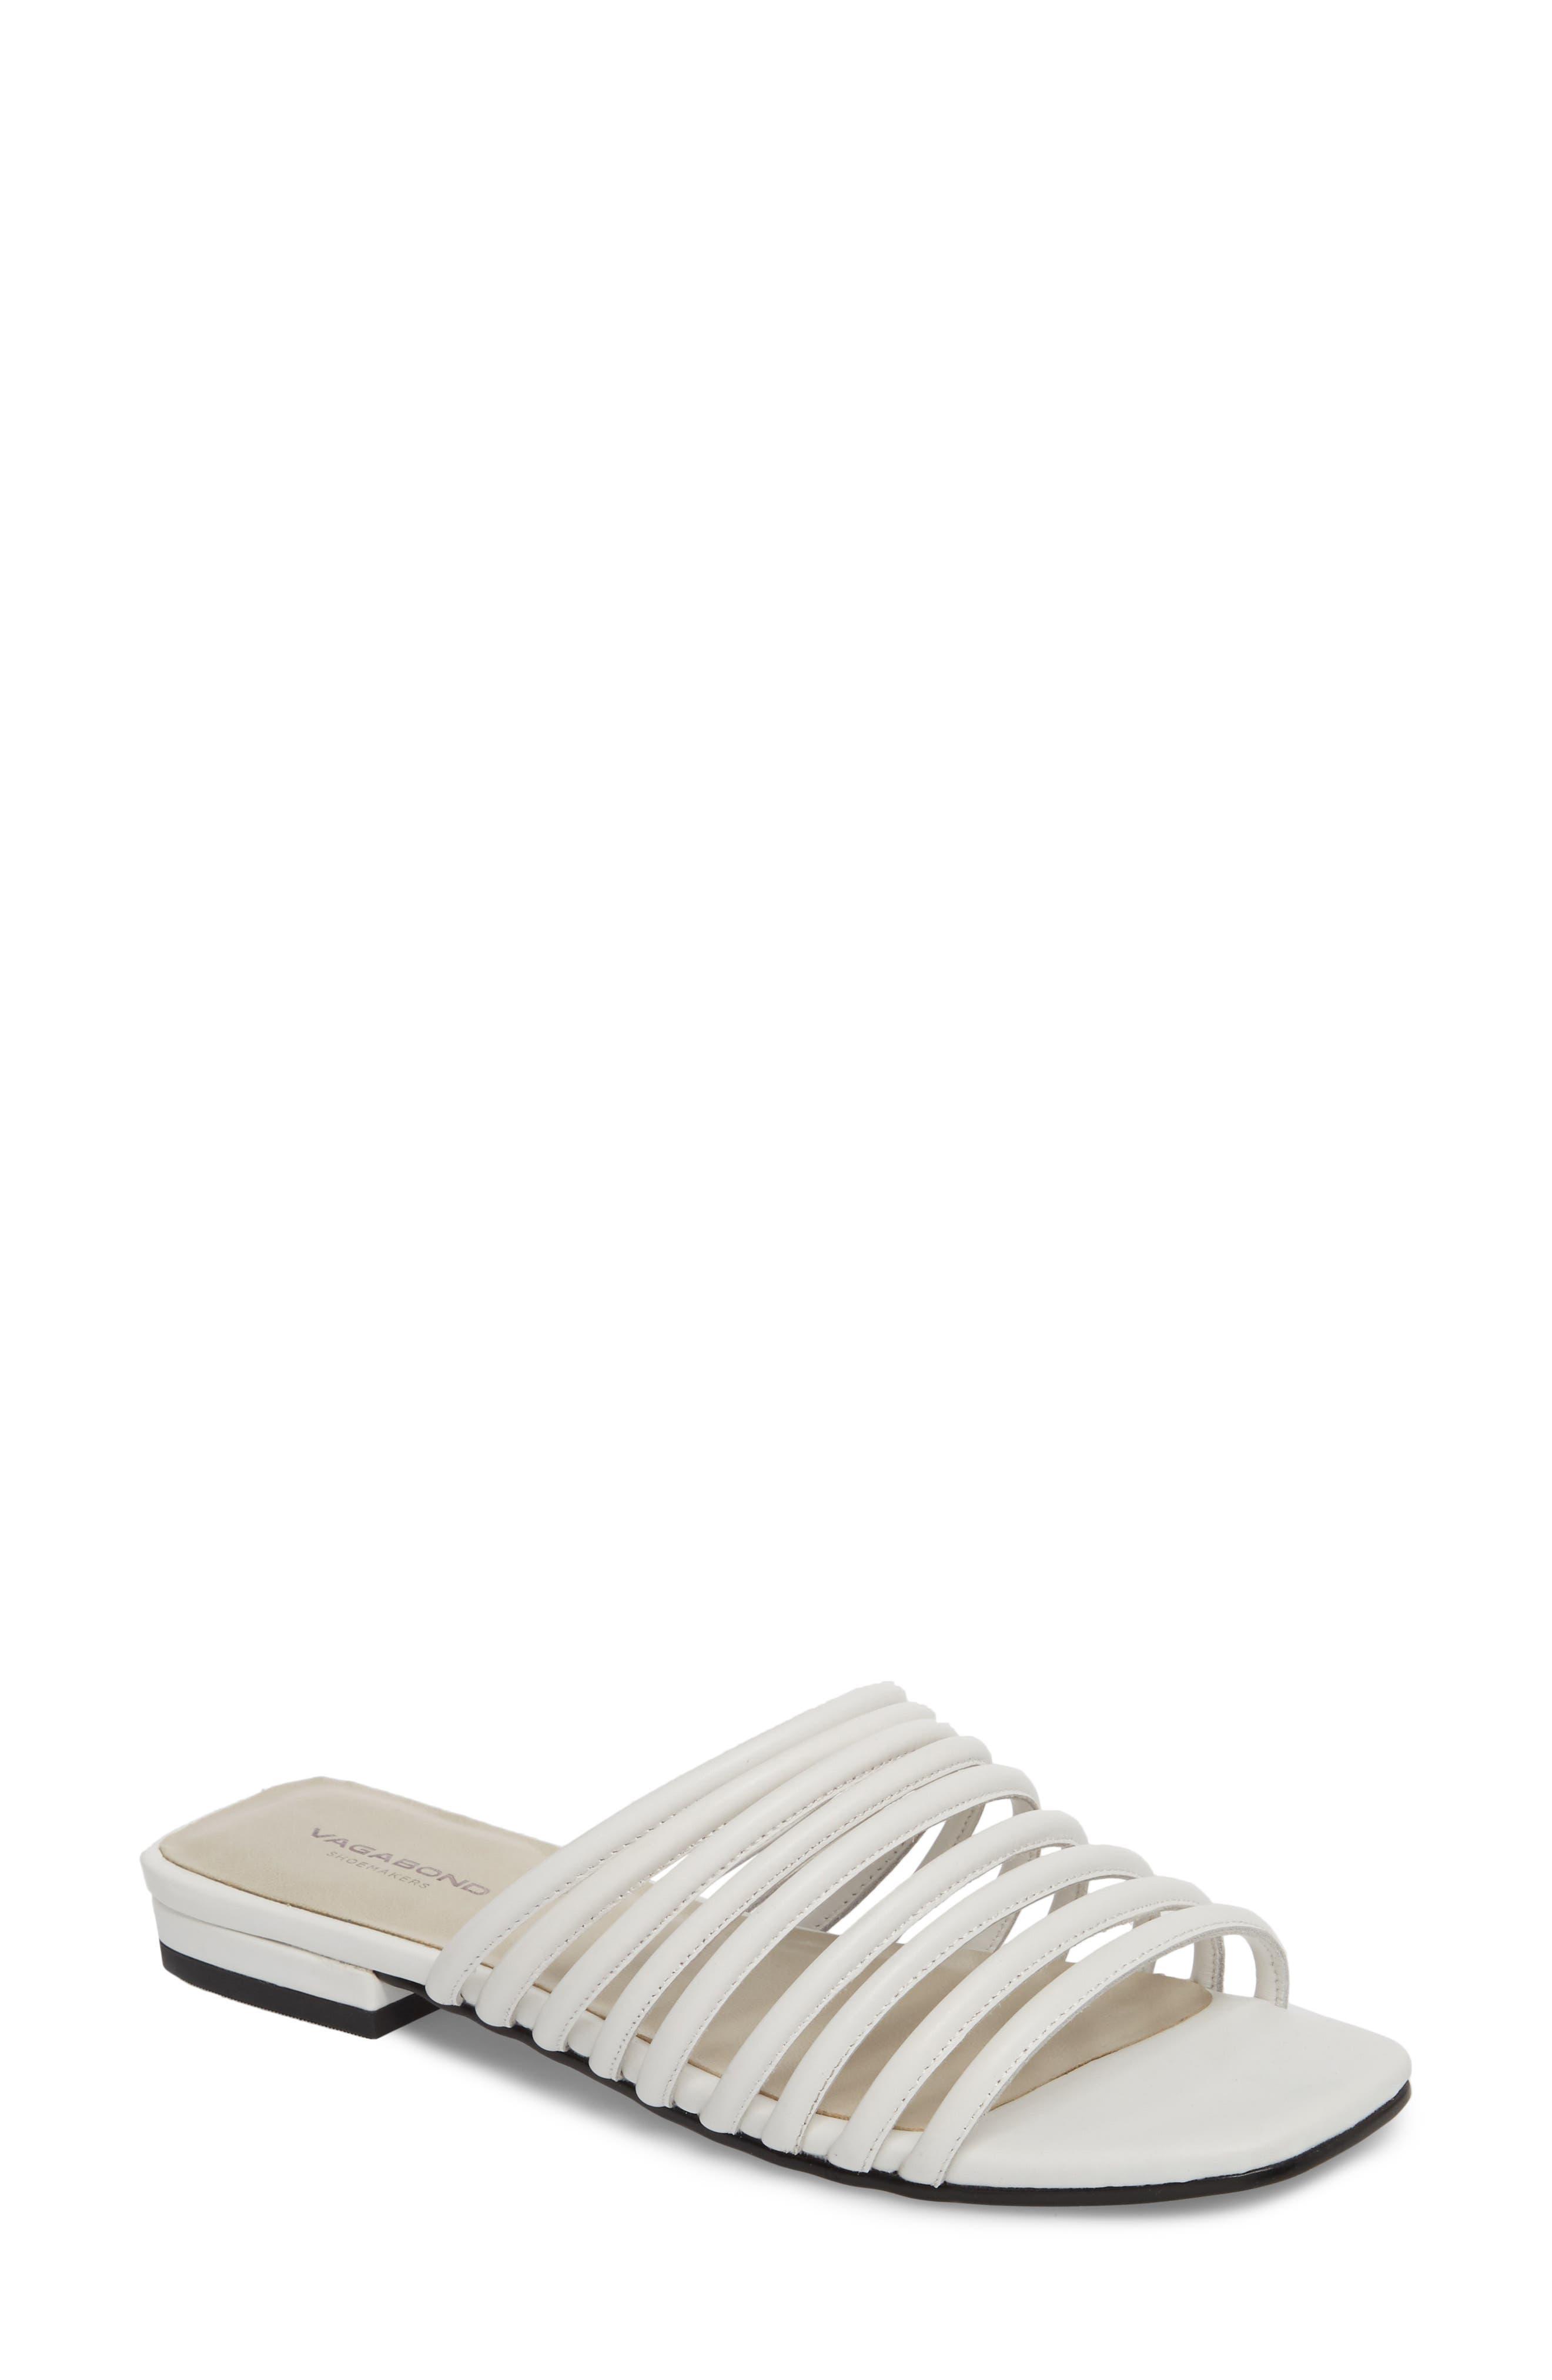 Vagabond Shoemakers Becky Slide Sandal, White